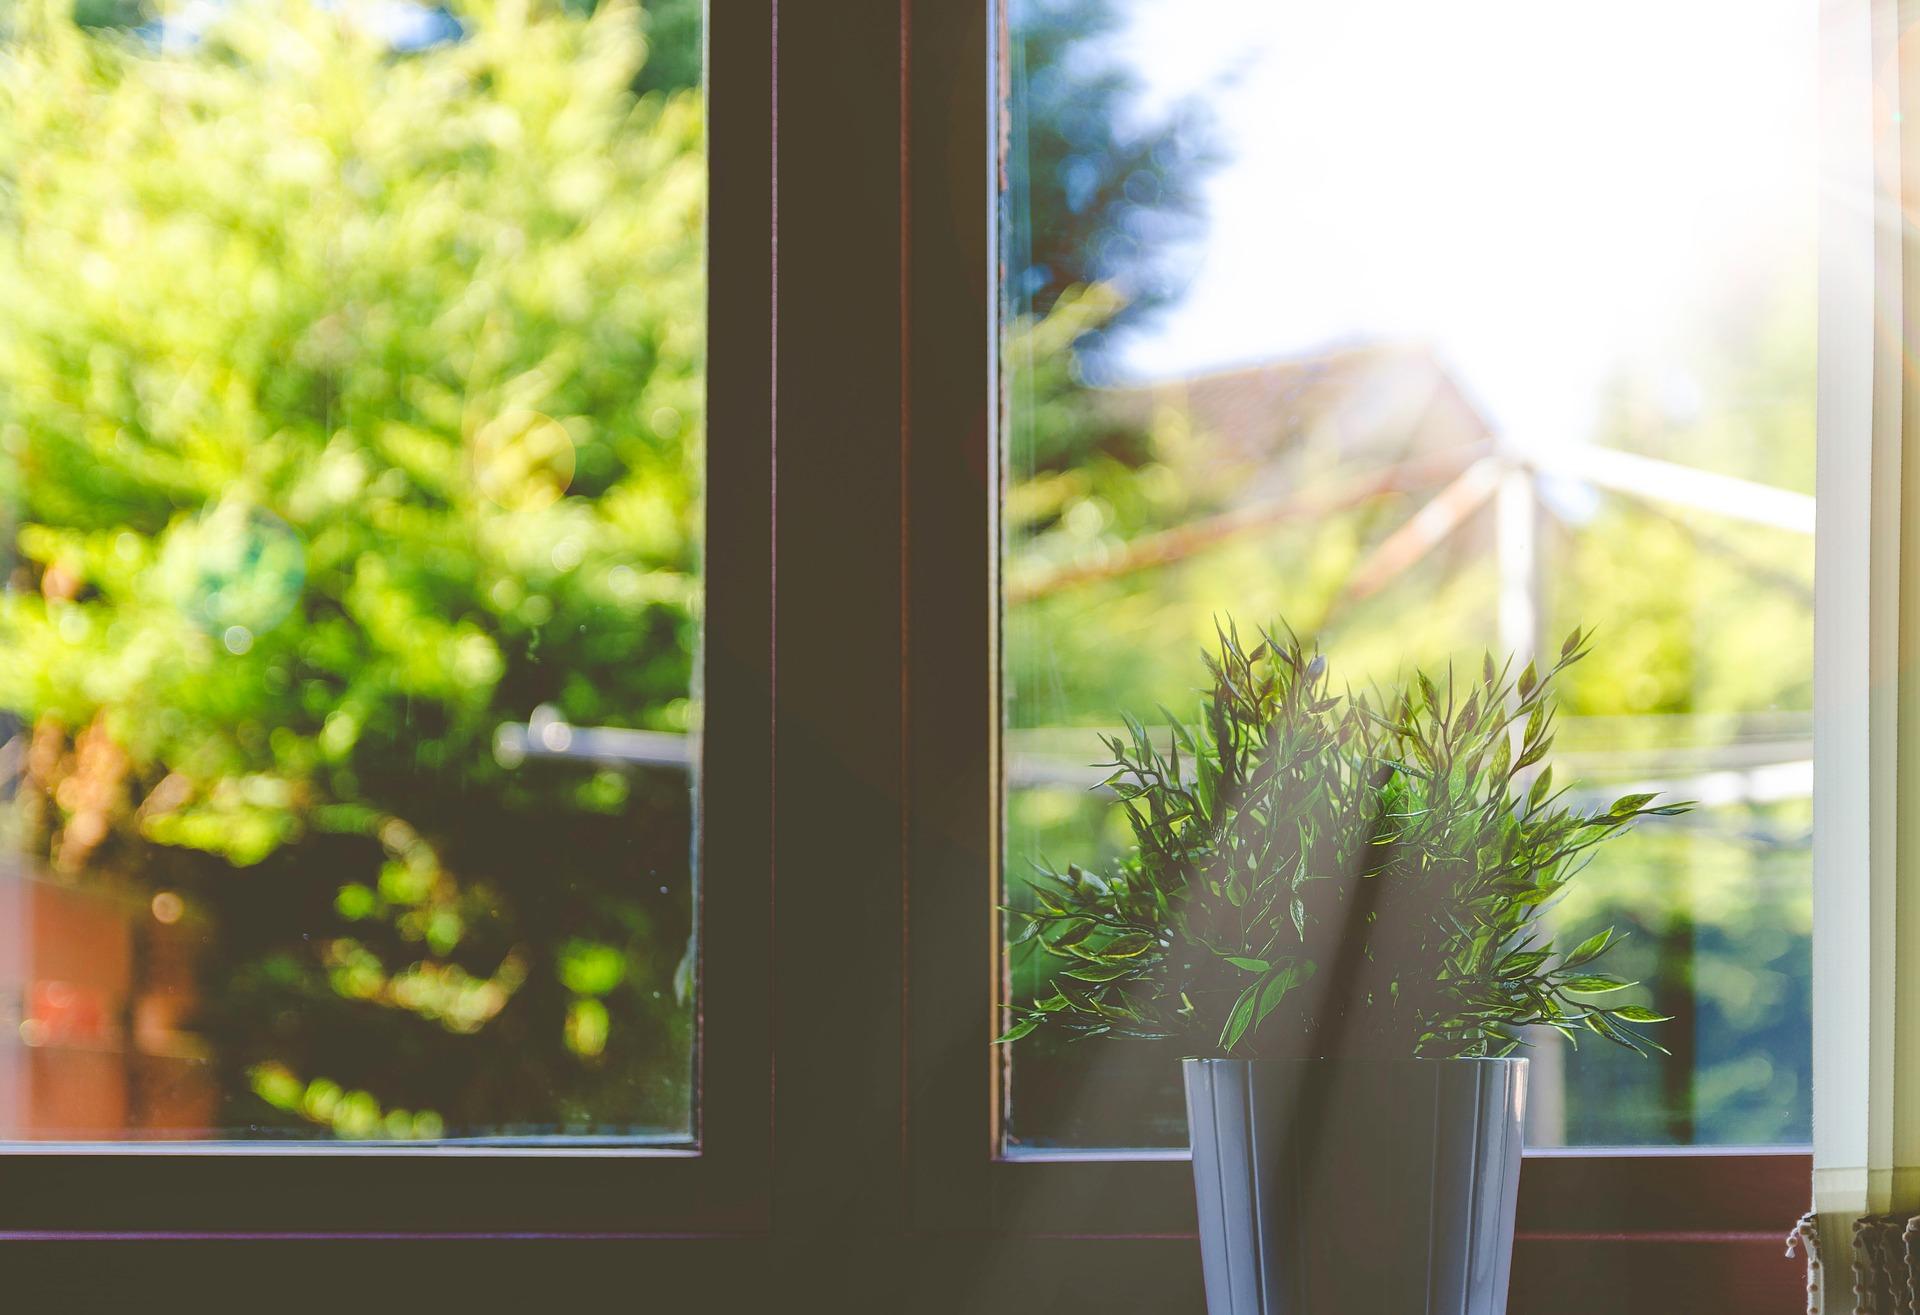 健康な省エネ建築(4) 窓と太陽光